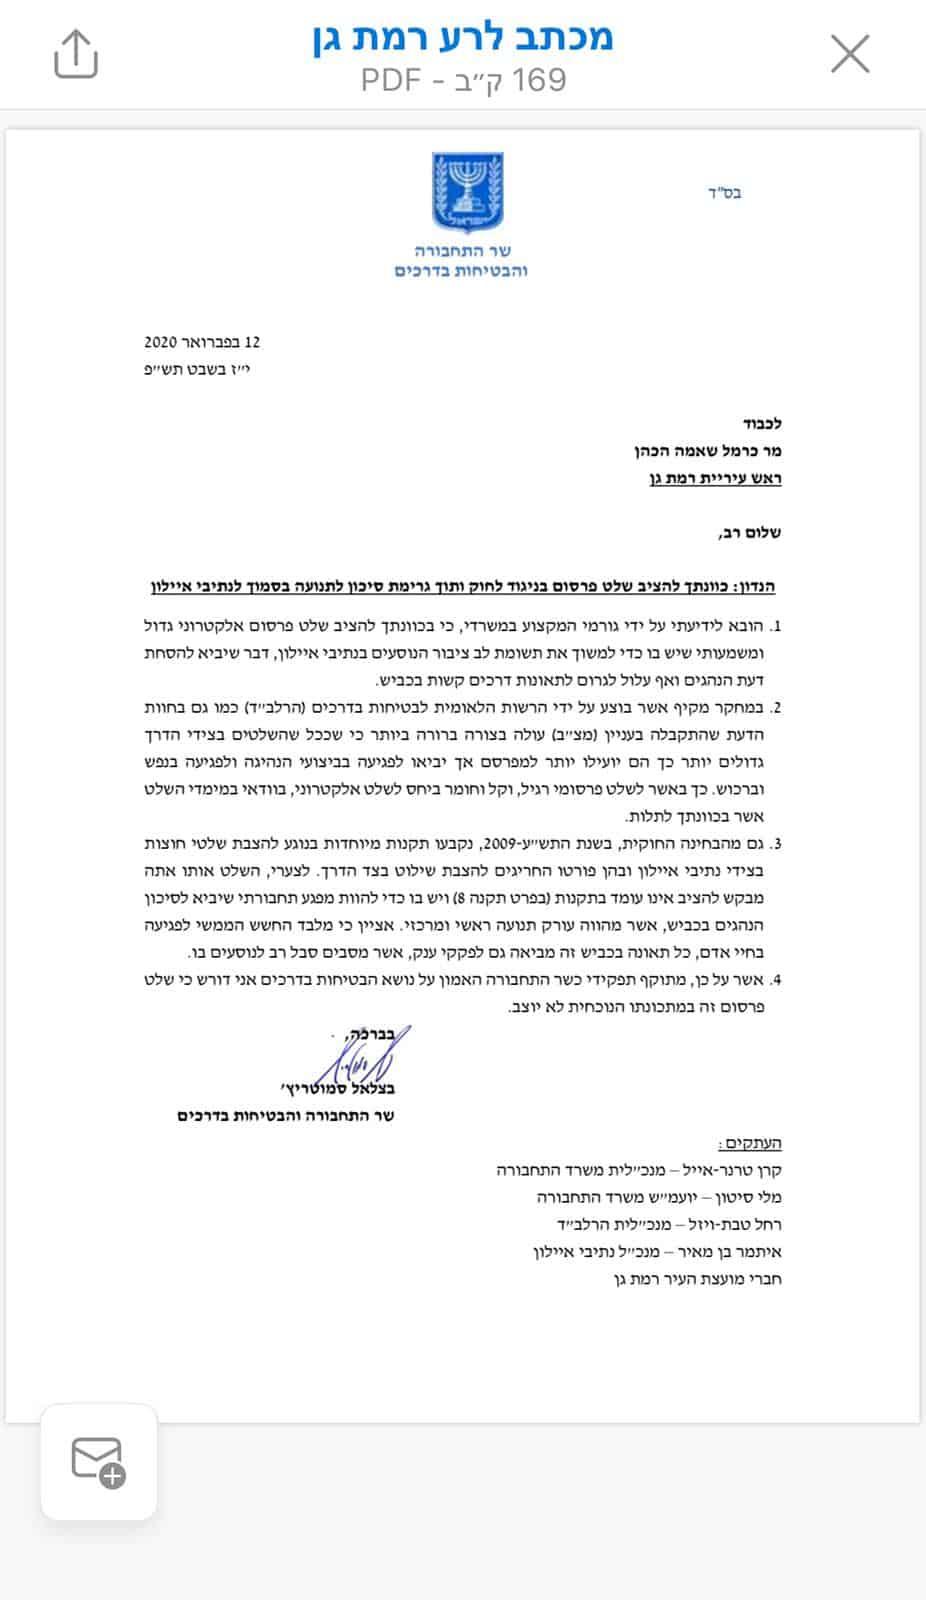 המכתב לראש העיר